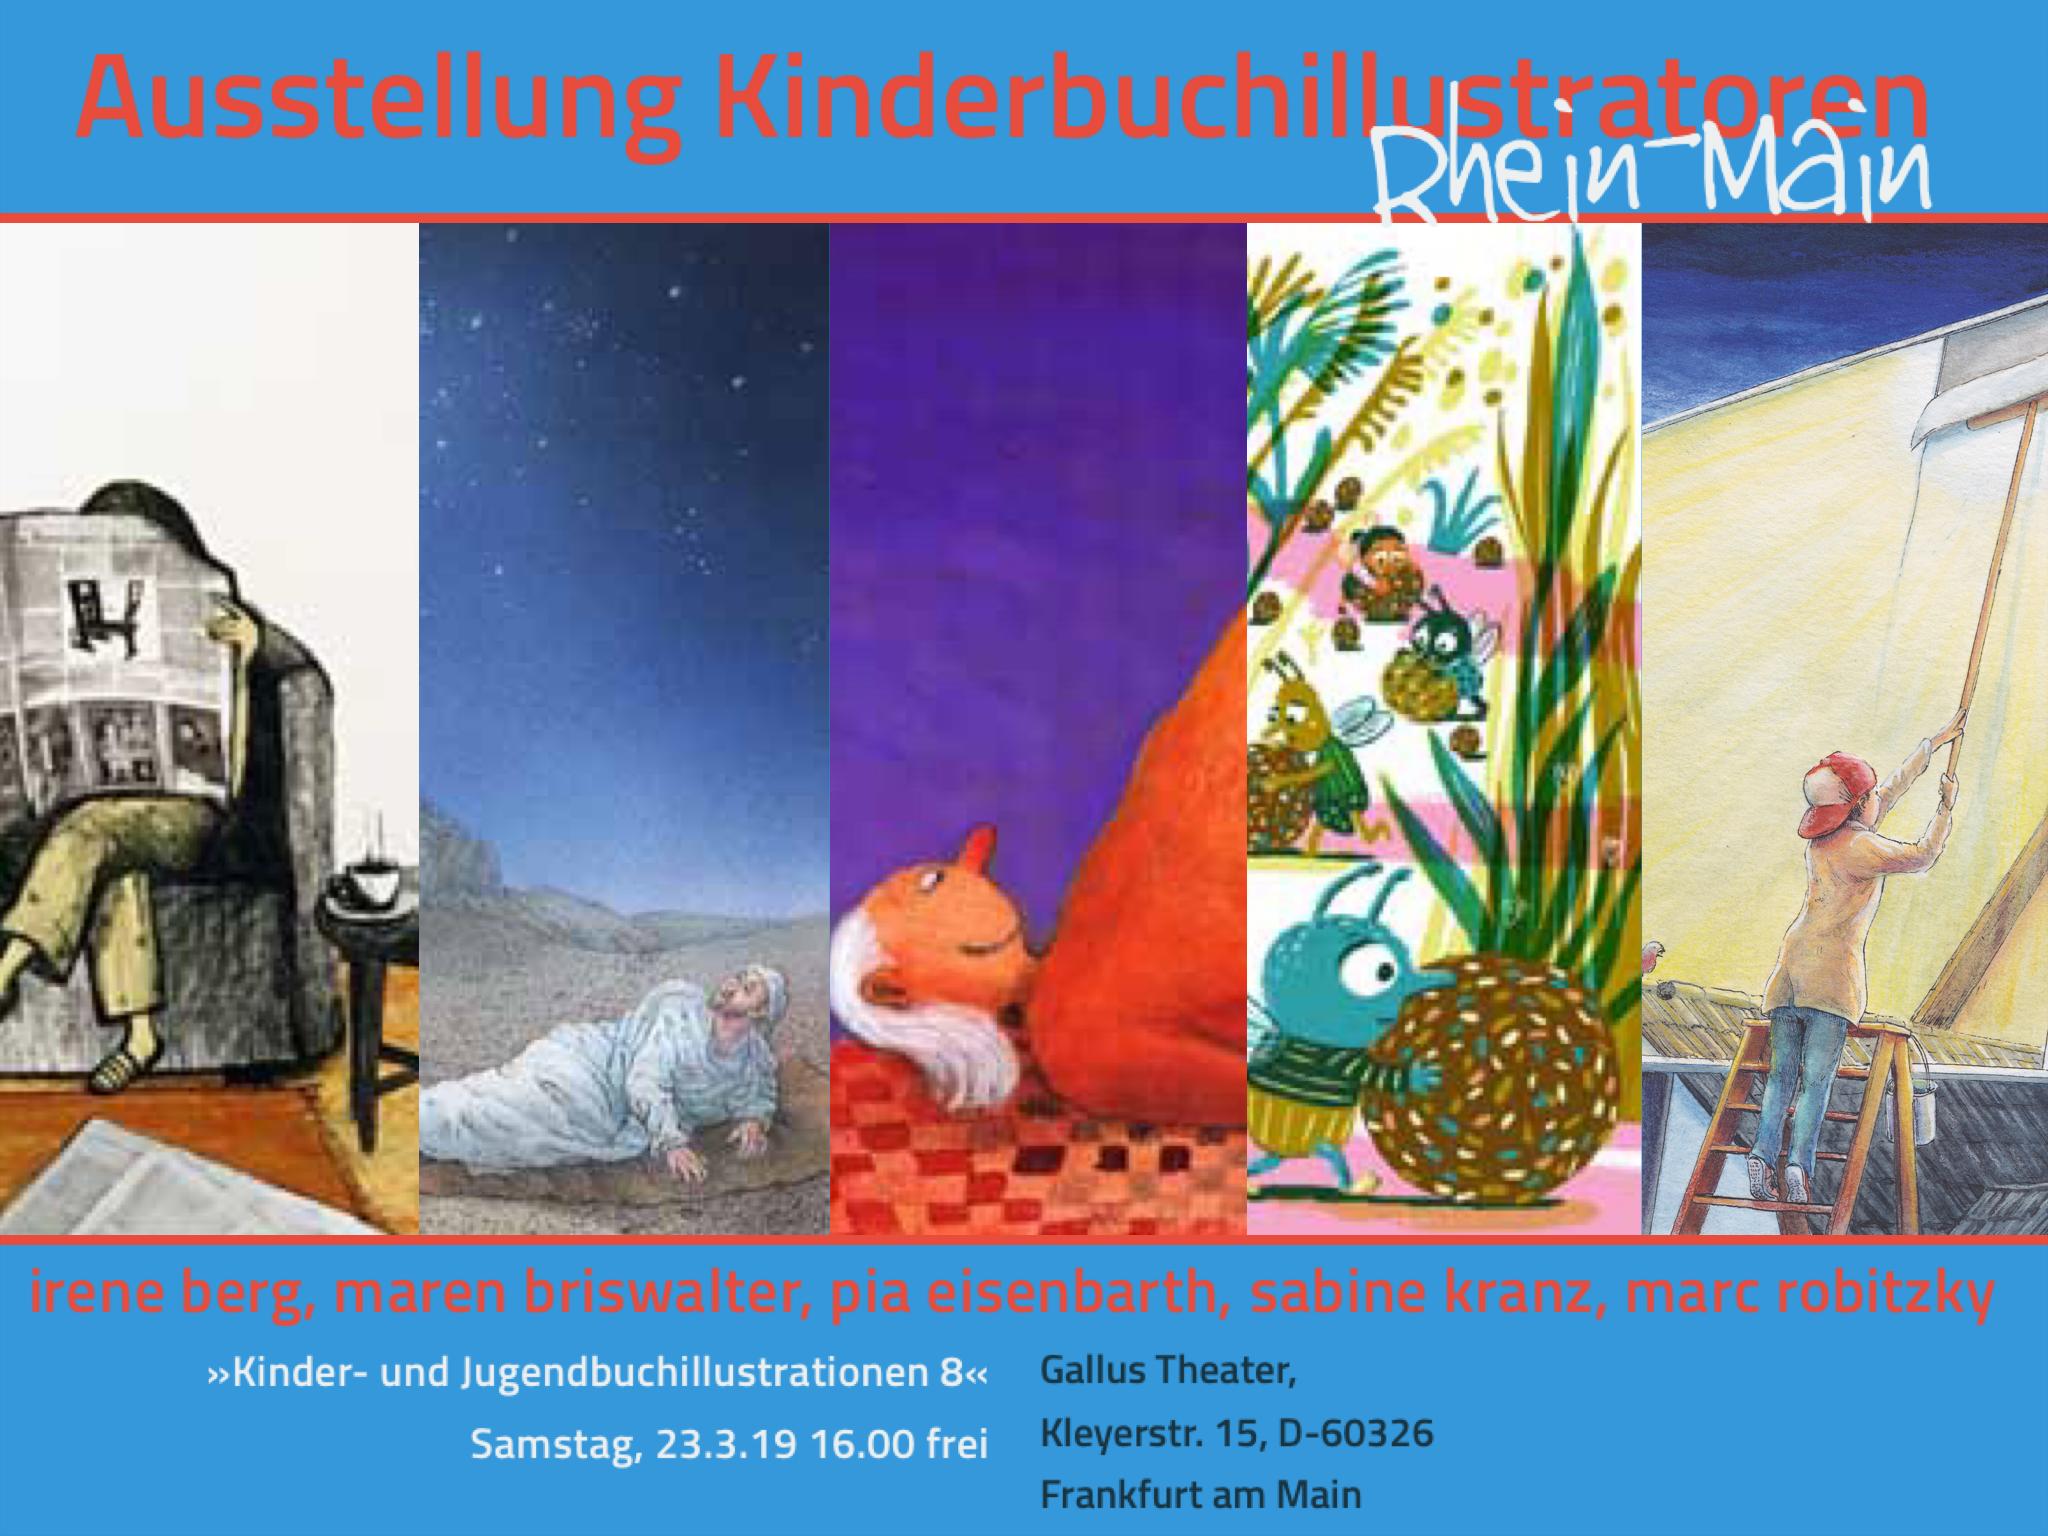 Kinderbuchillsutratoren Rhein- Main